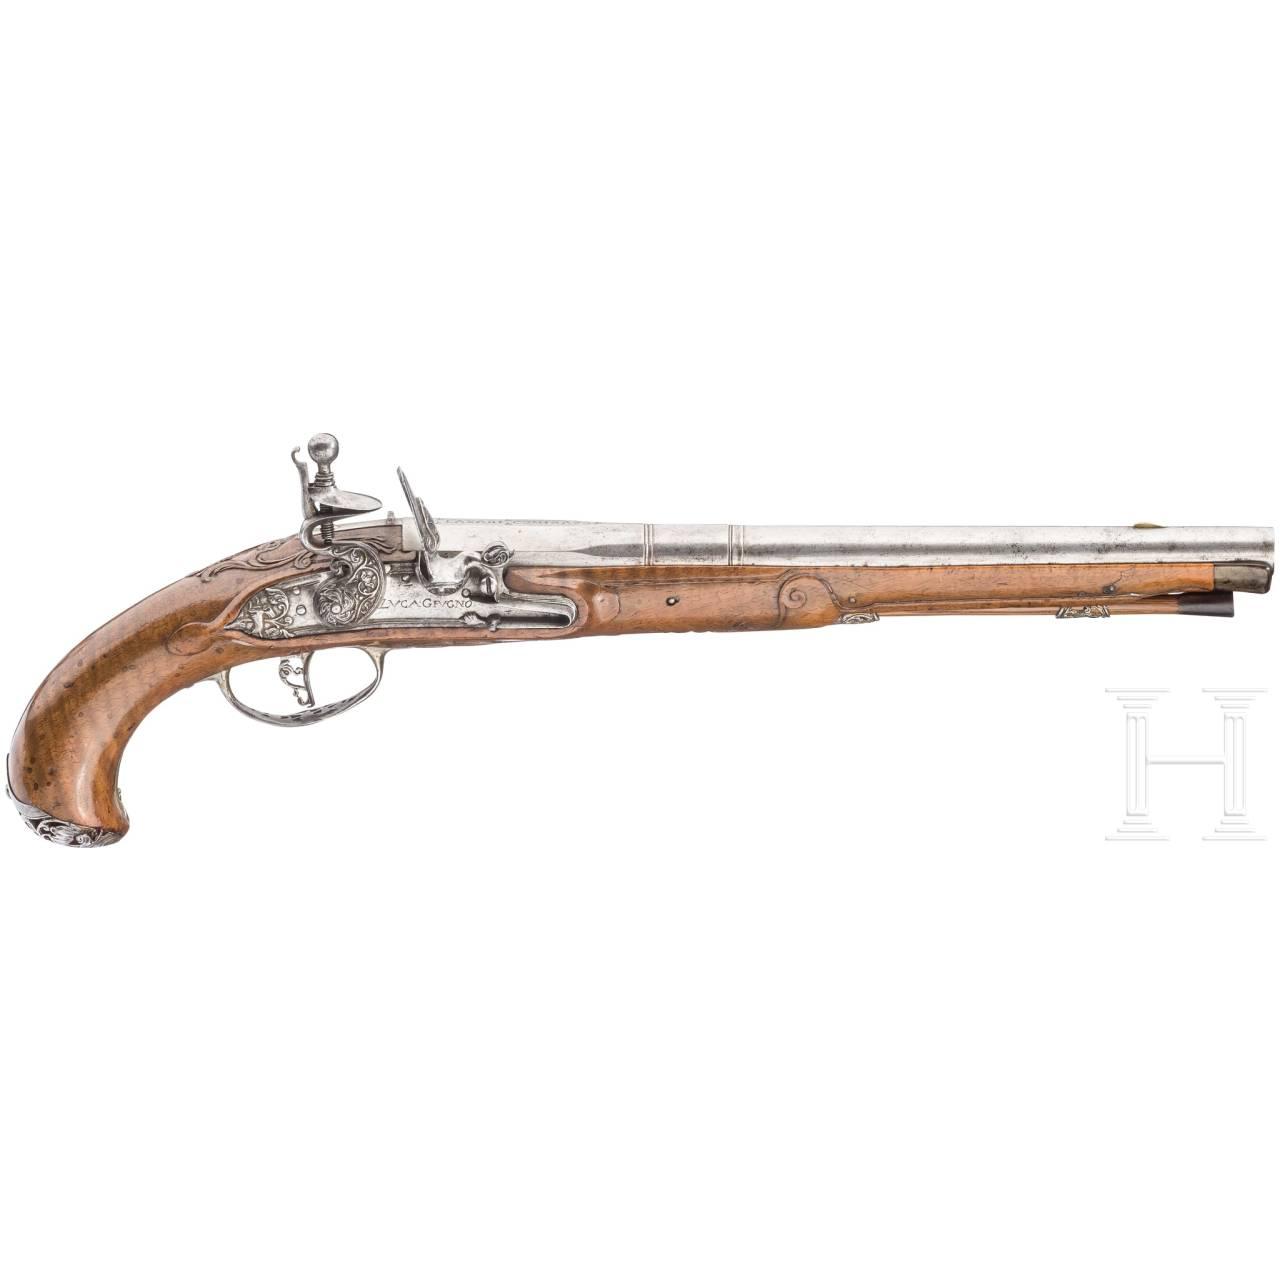 A ciseled flintlock pistol, Luca Geugno, ca. 1750